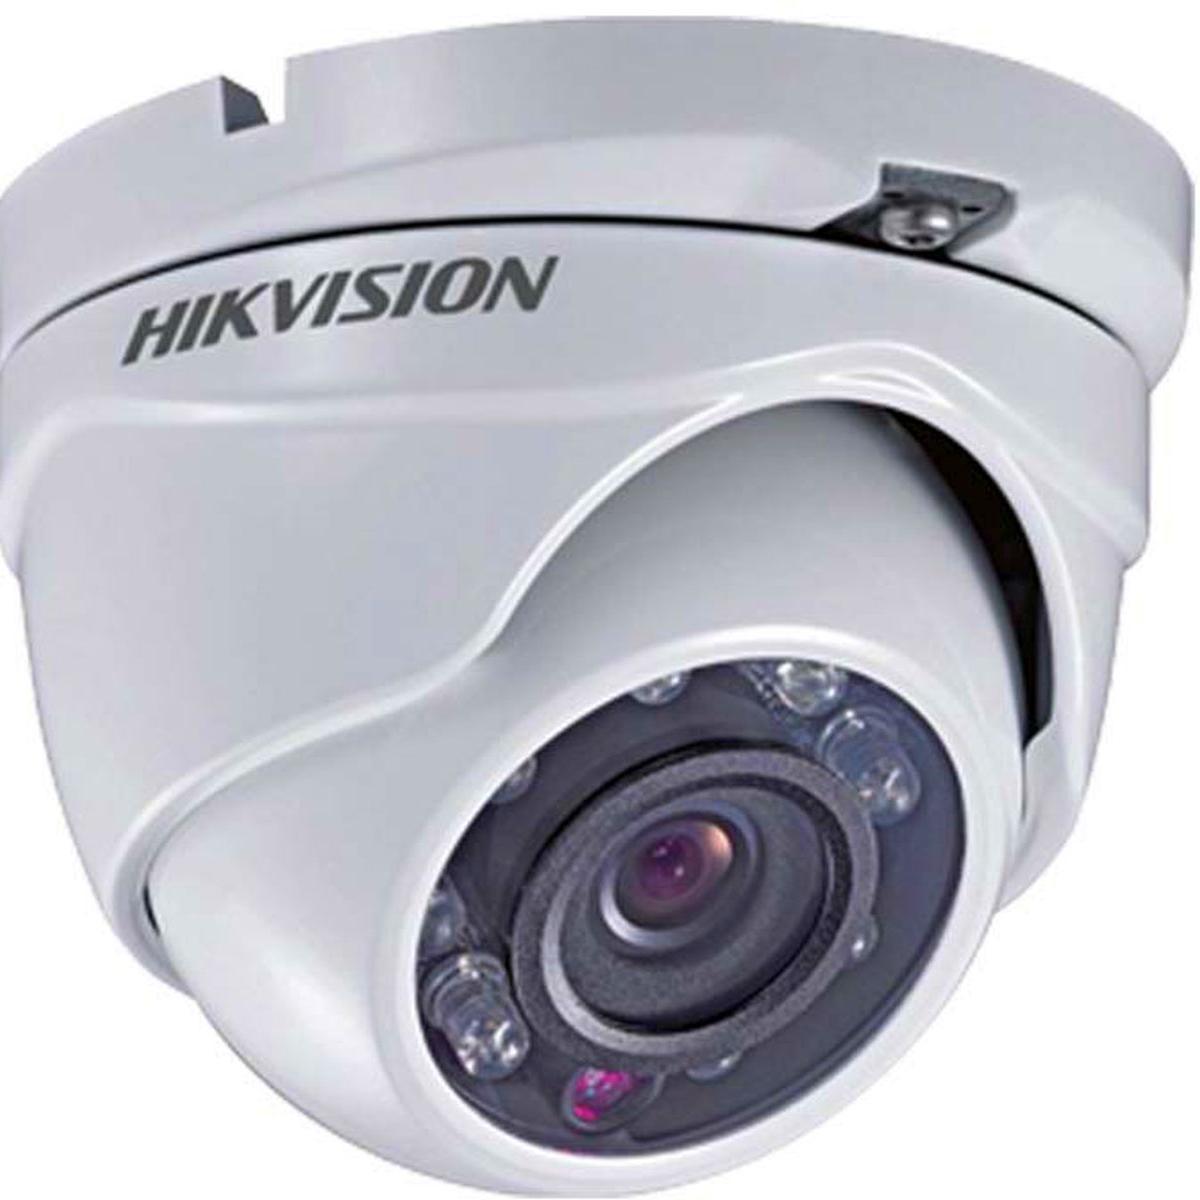 HIKVISION DS-2CE56C0T-IRM IR Turret Camera Image